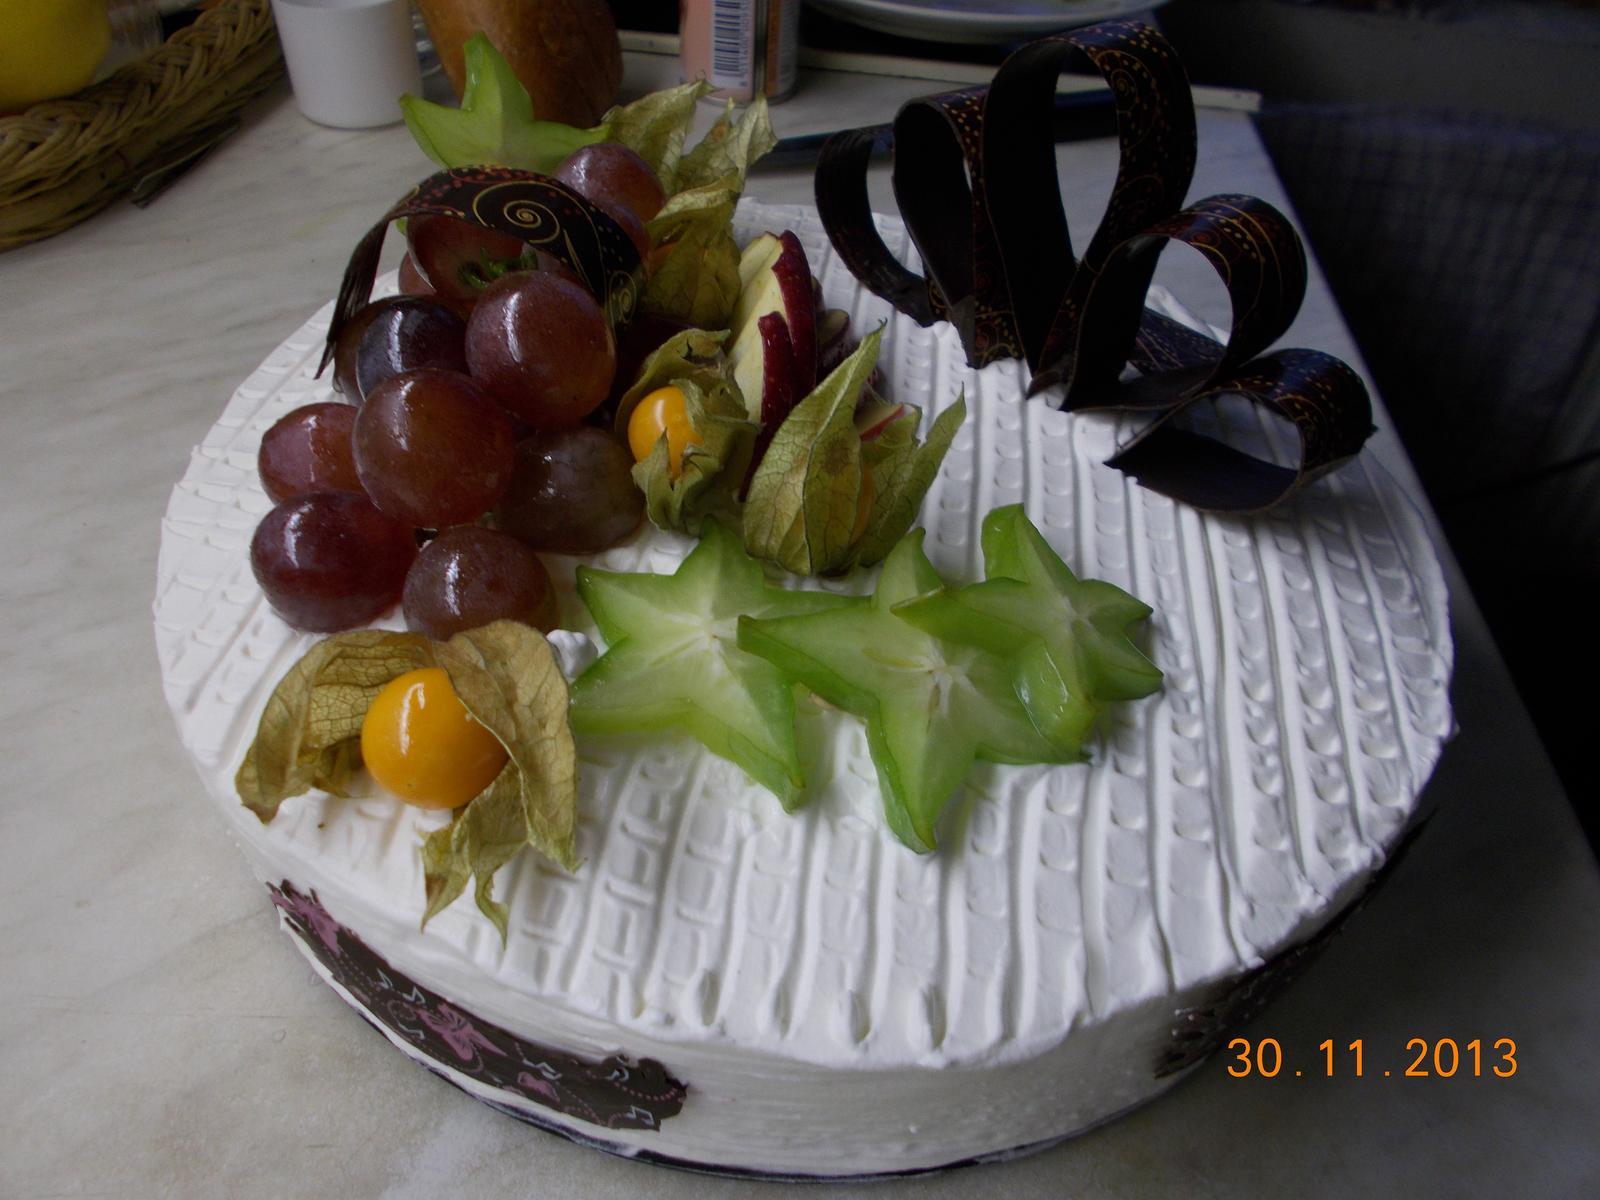 Pečení,vaření,grilování.....je libo něco dobrého do bříška ................ - Obrázek č. 78